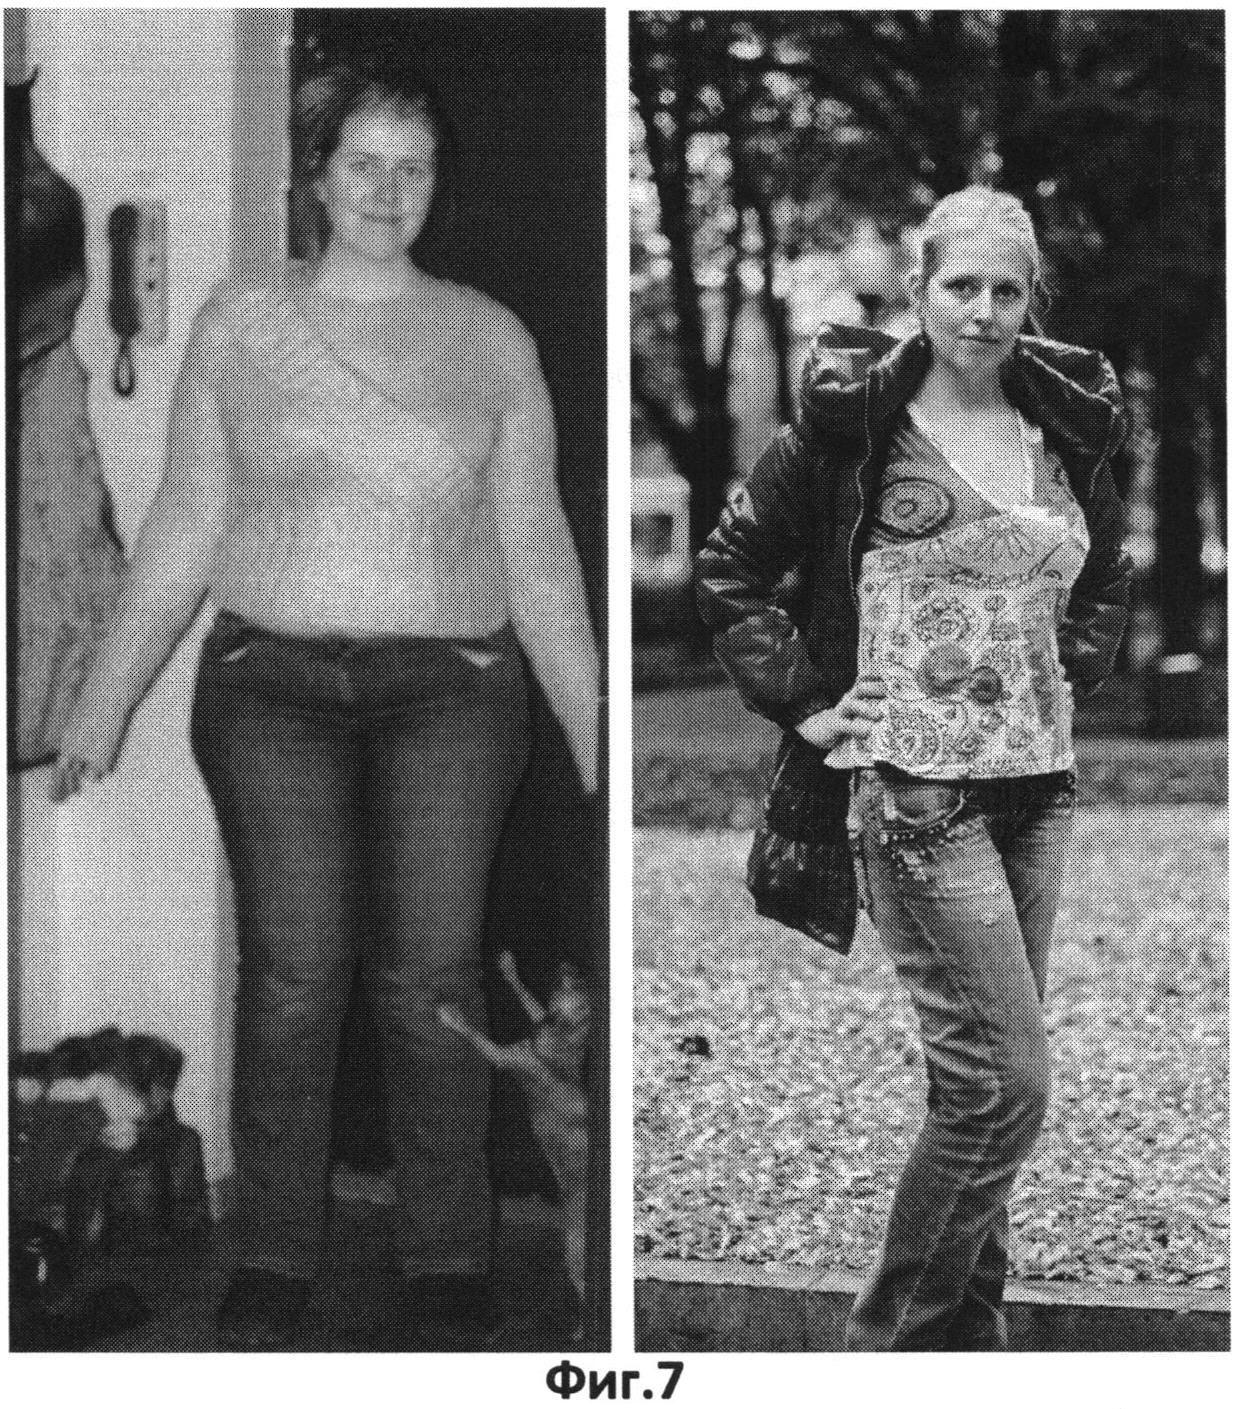 Способ снижения веса и набор продуктов диеты для его осуществления